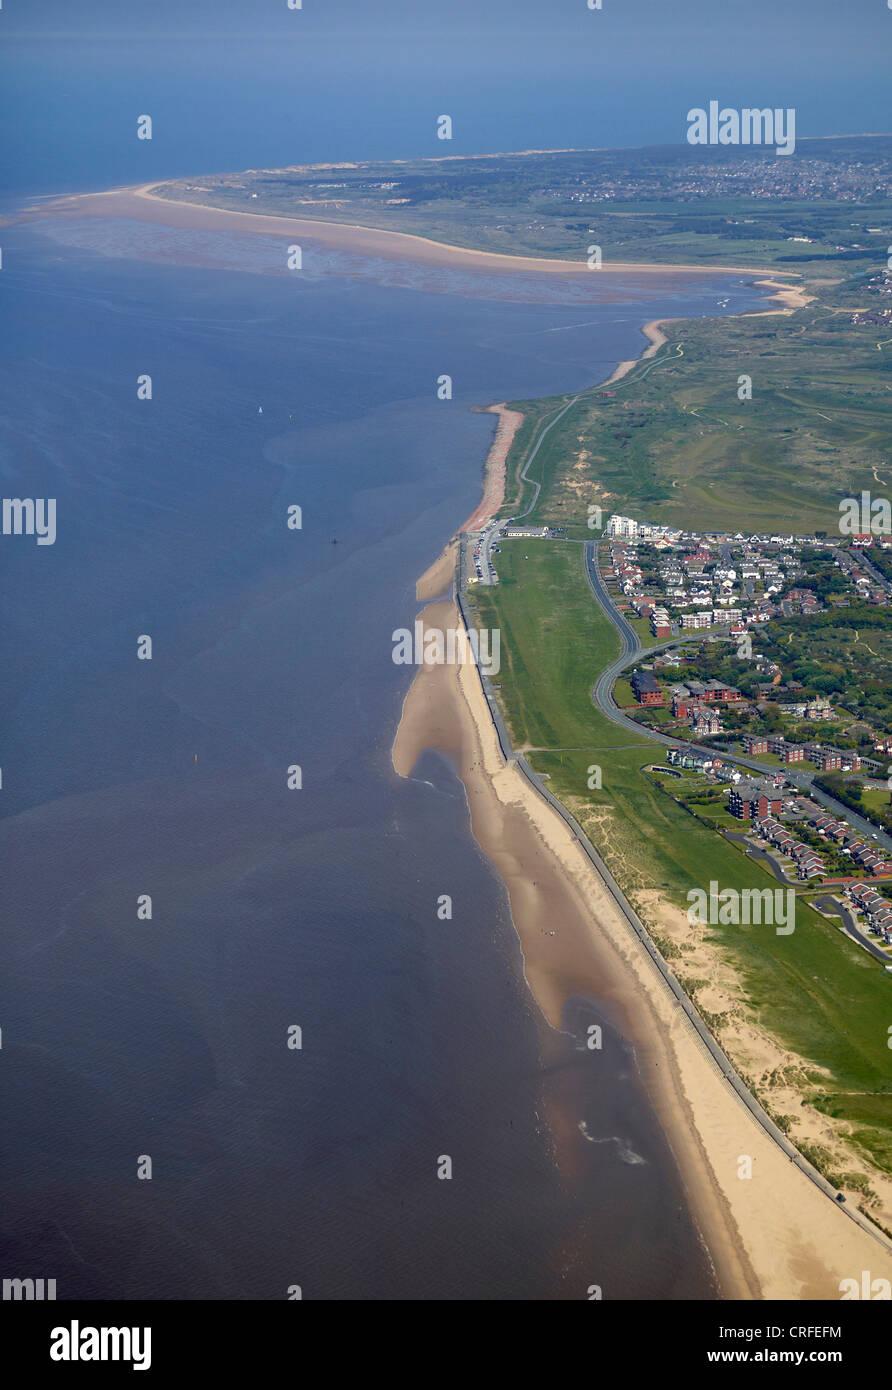 Blundell Sands et Plage, Formby, Lancashire, au nord ouest de l'Angleterre Photo Stock